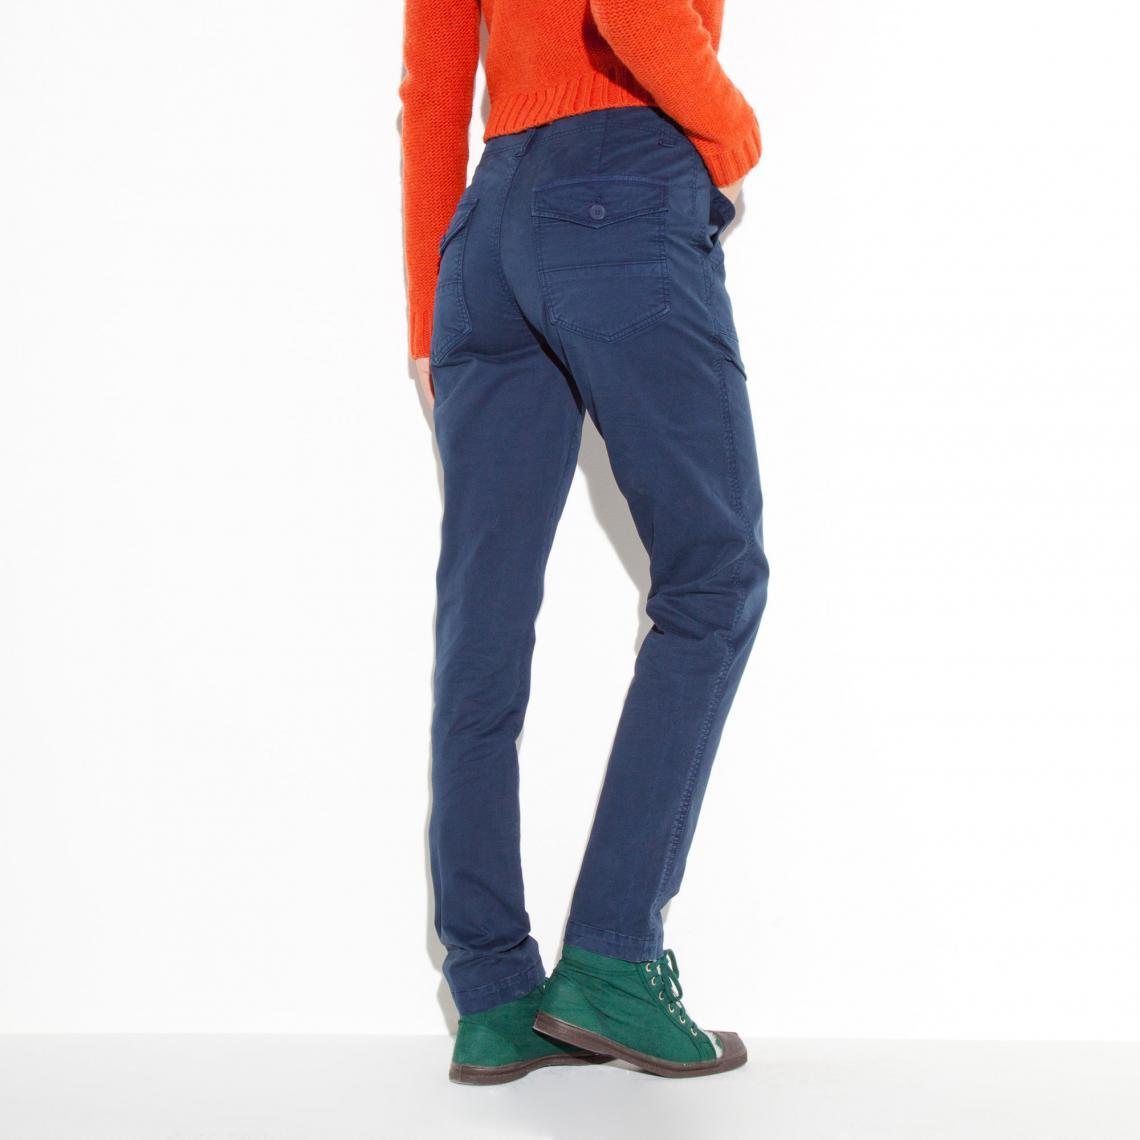 Uni Femme Pantalon Bleu3 Suisses Cargo Bensimon OZNwknP8X0